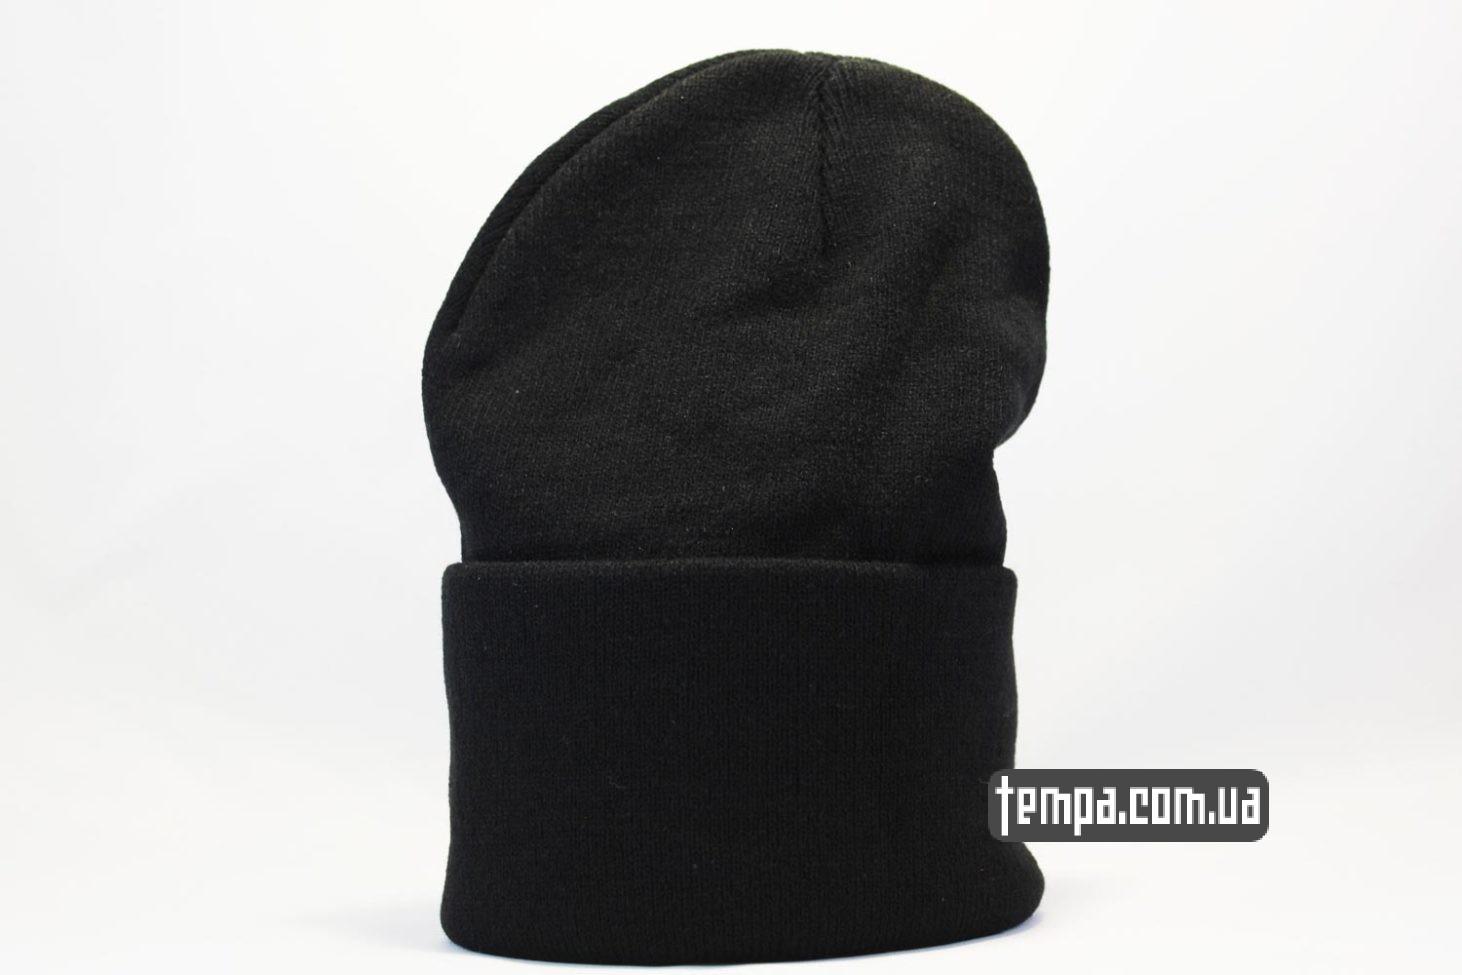 black черная шапка beanie чисто черная без надписей ASOS купить Украина